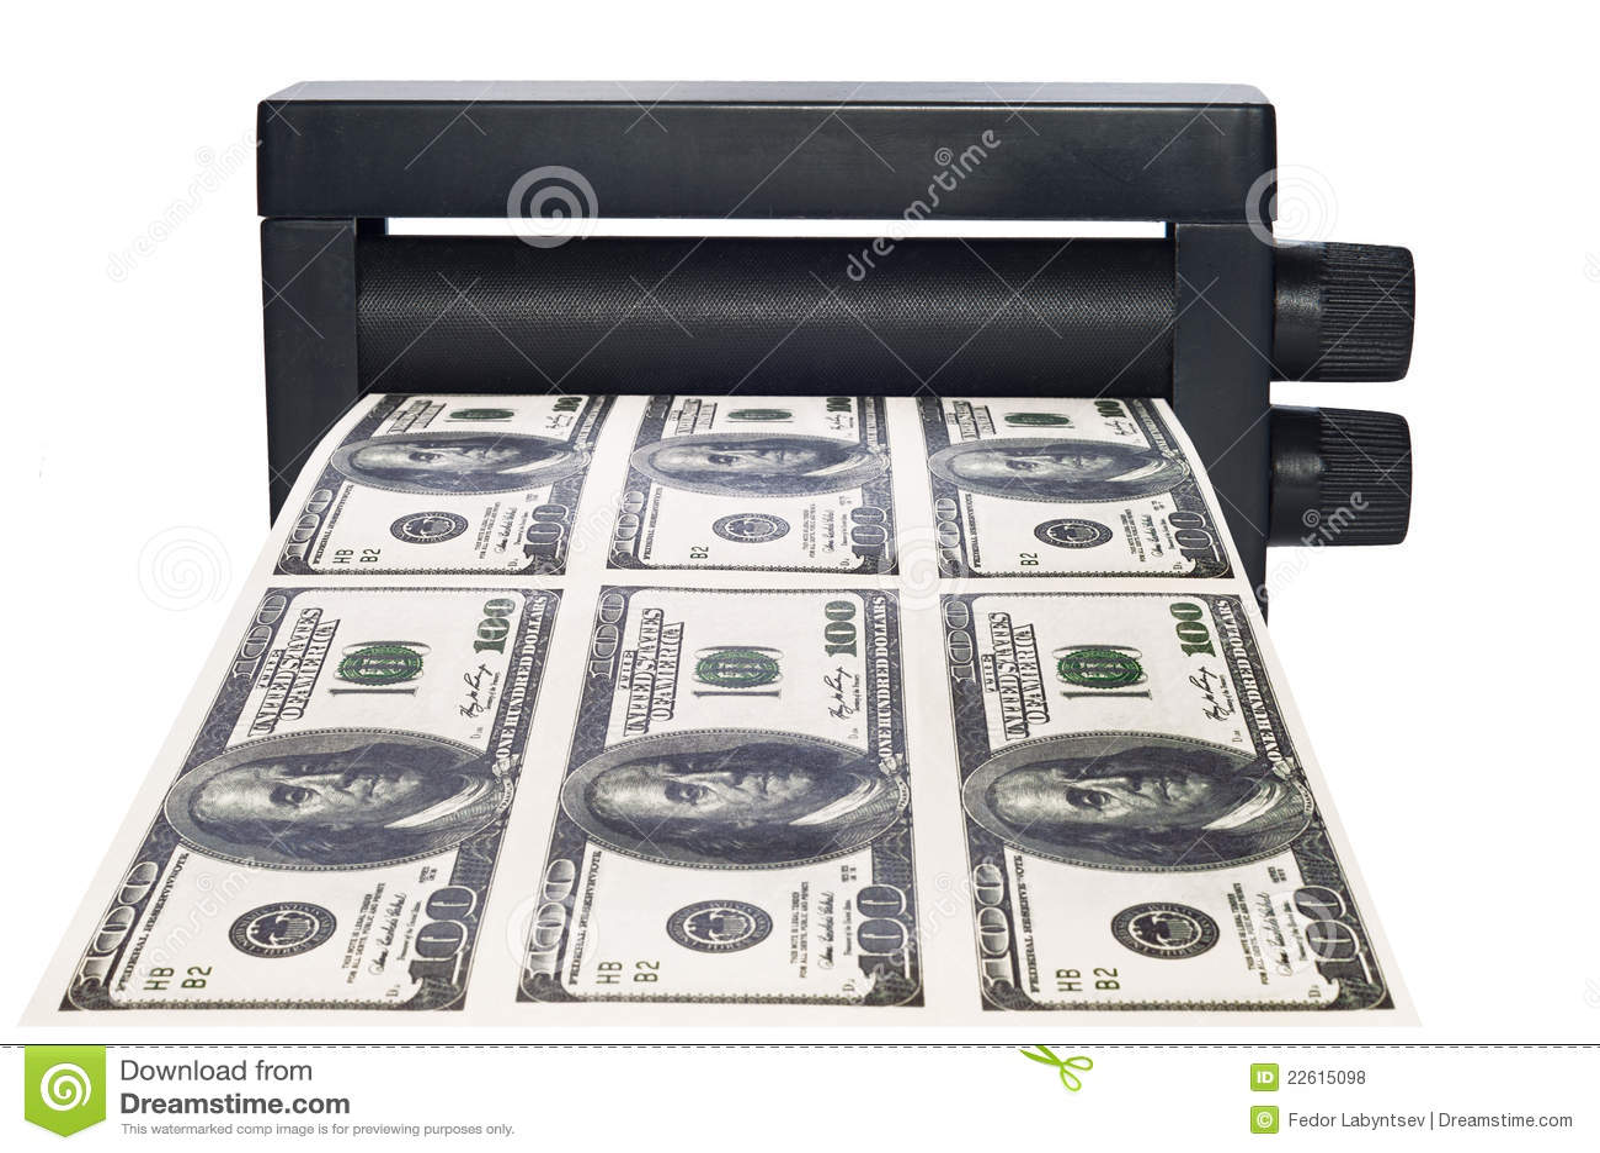 money printer machine